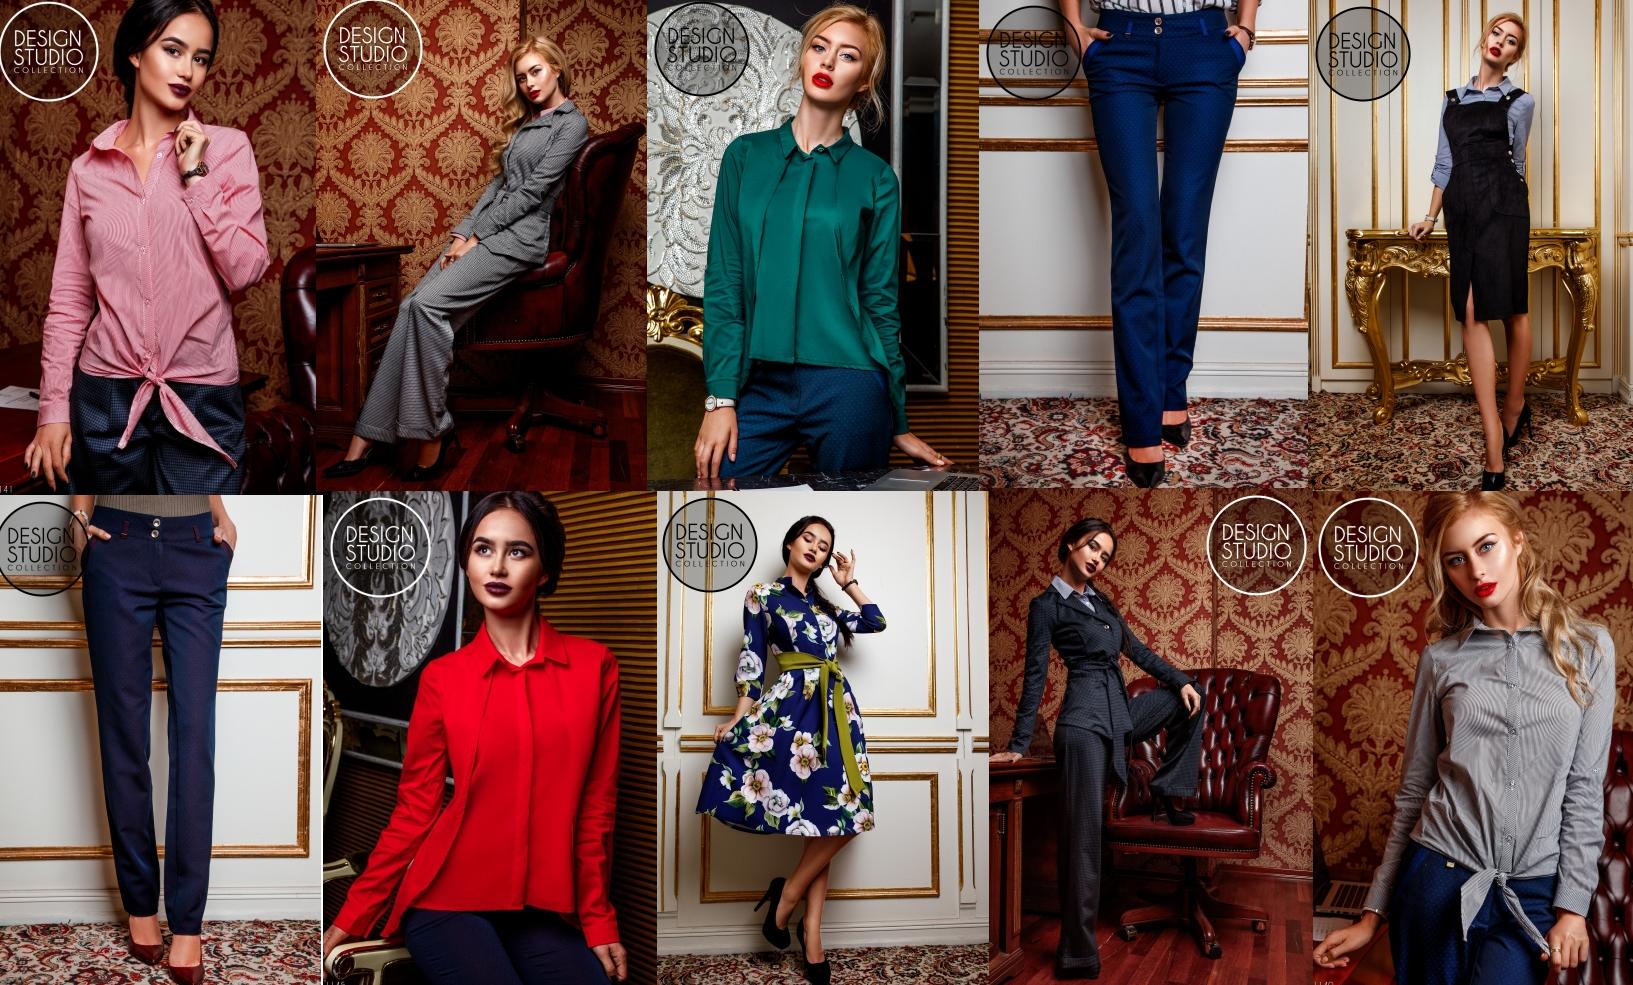 Коллекция женской одежды от фирмы DSC.Роскошная,модная и повседневная по очень доступным ценам.Куртки осень-зима.Новая